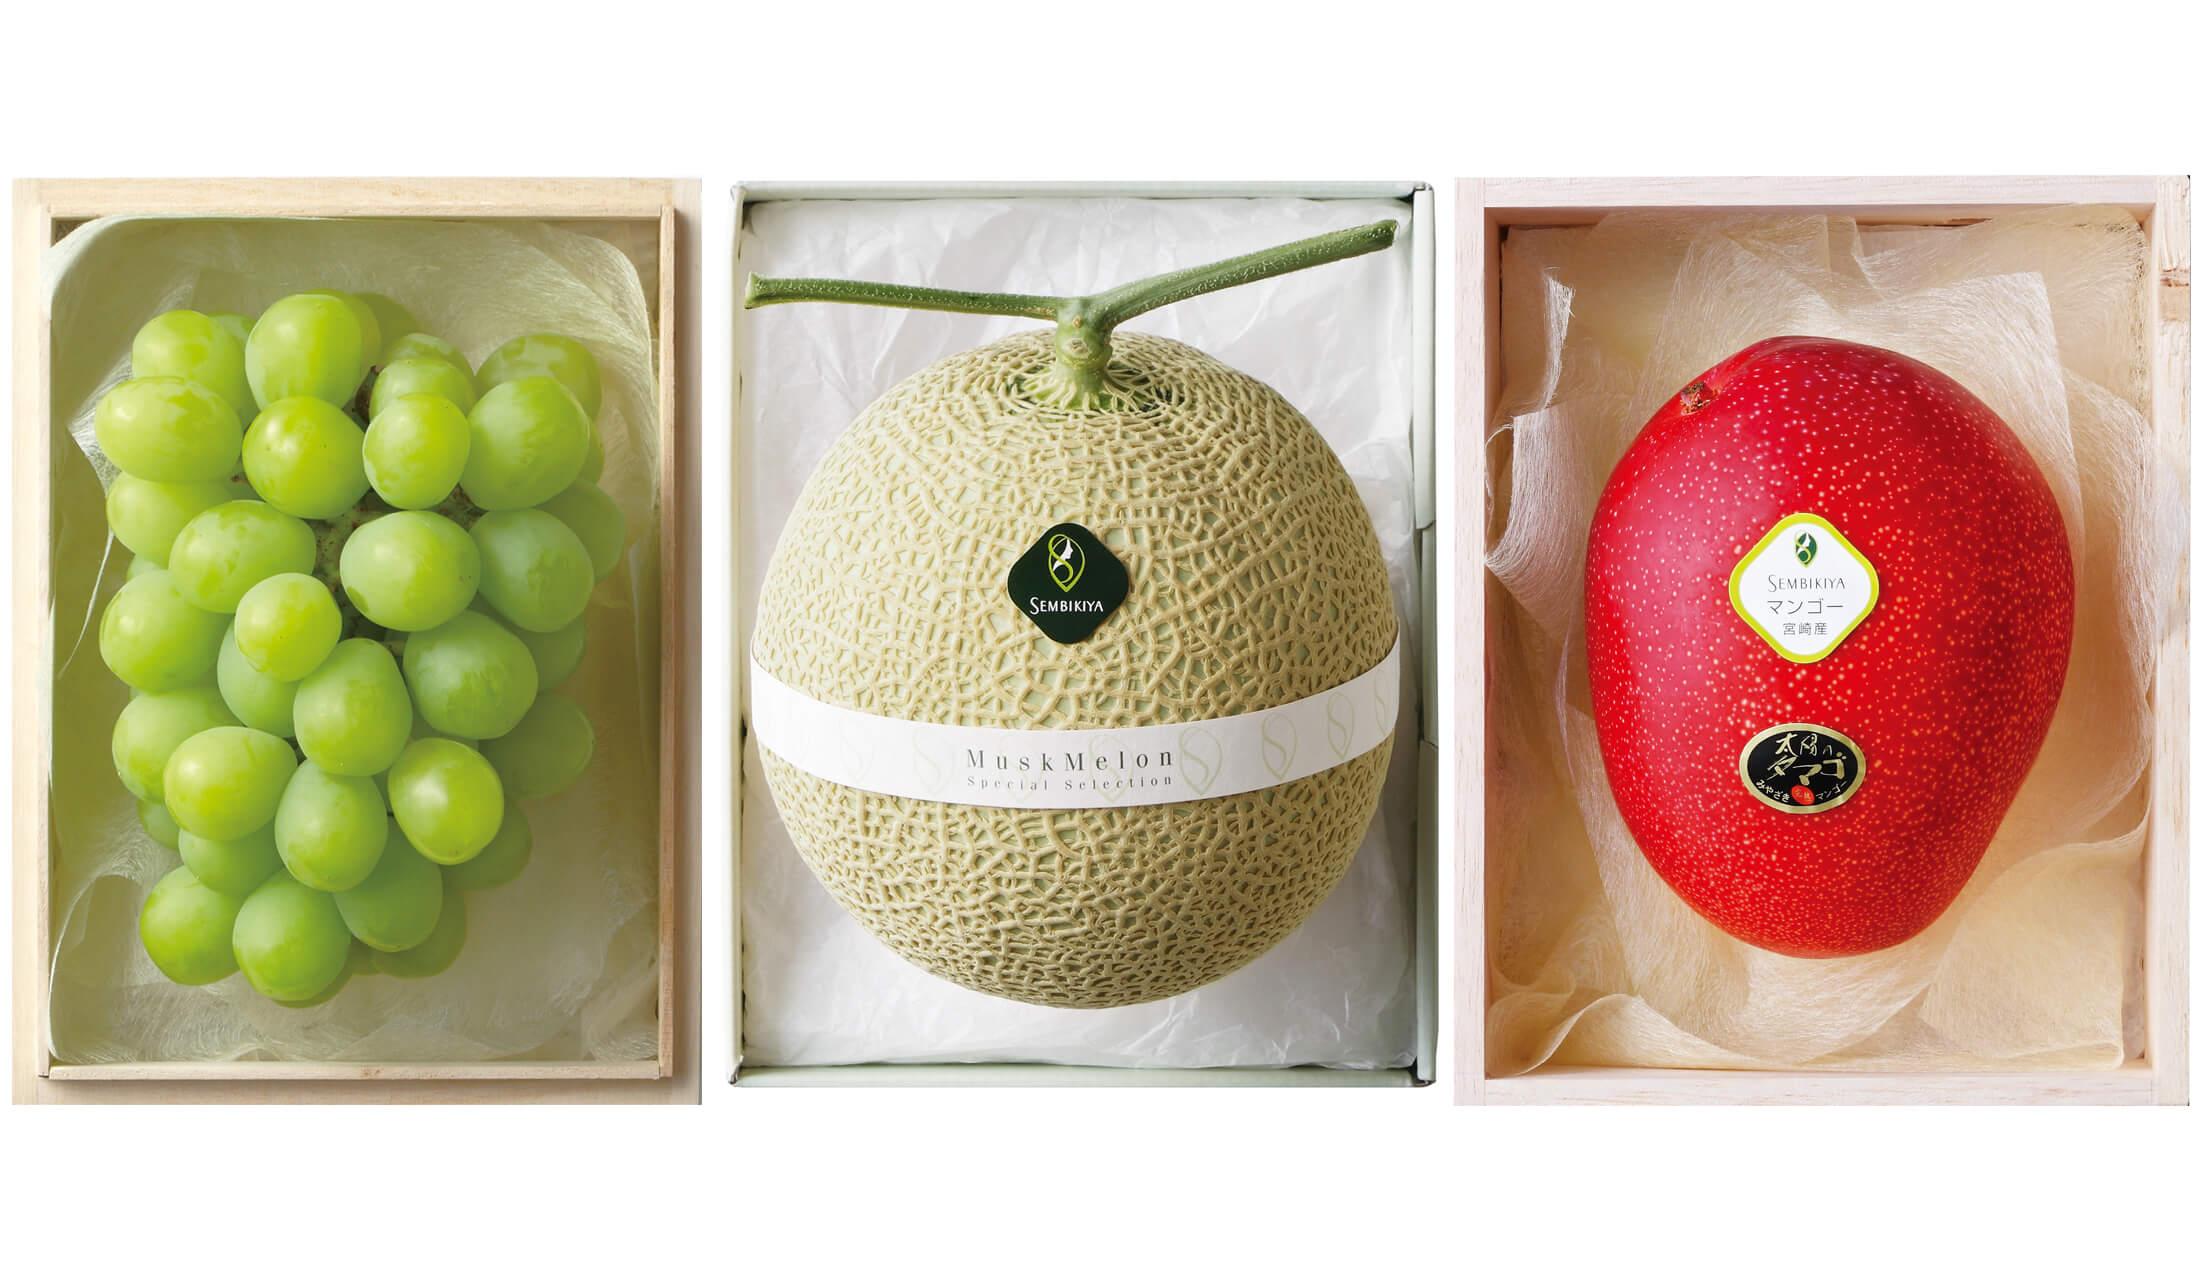 左から、箱に入ったマスカット、メロン、赤いマンゴーが並んでいる